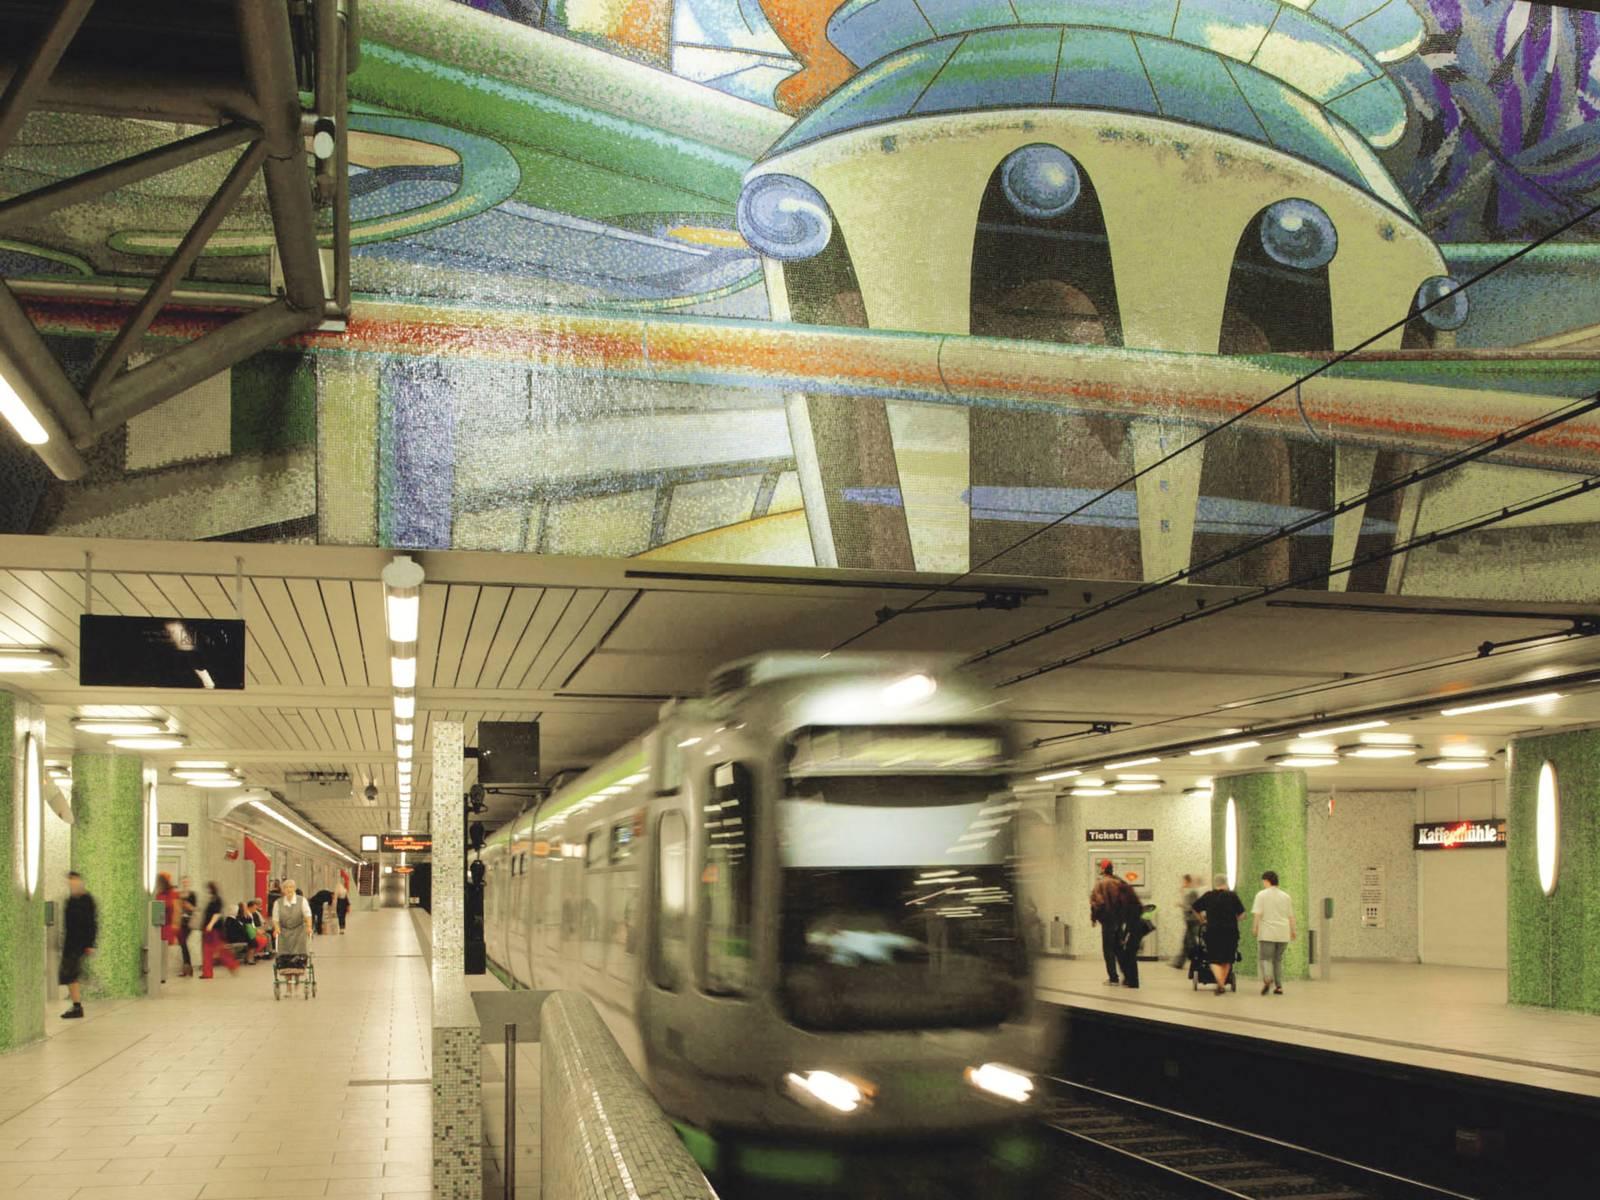 Eine einfahrende U-Bahn.